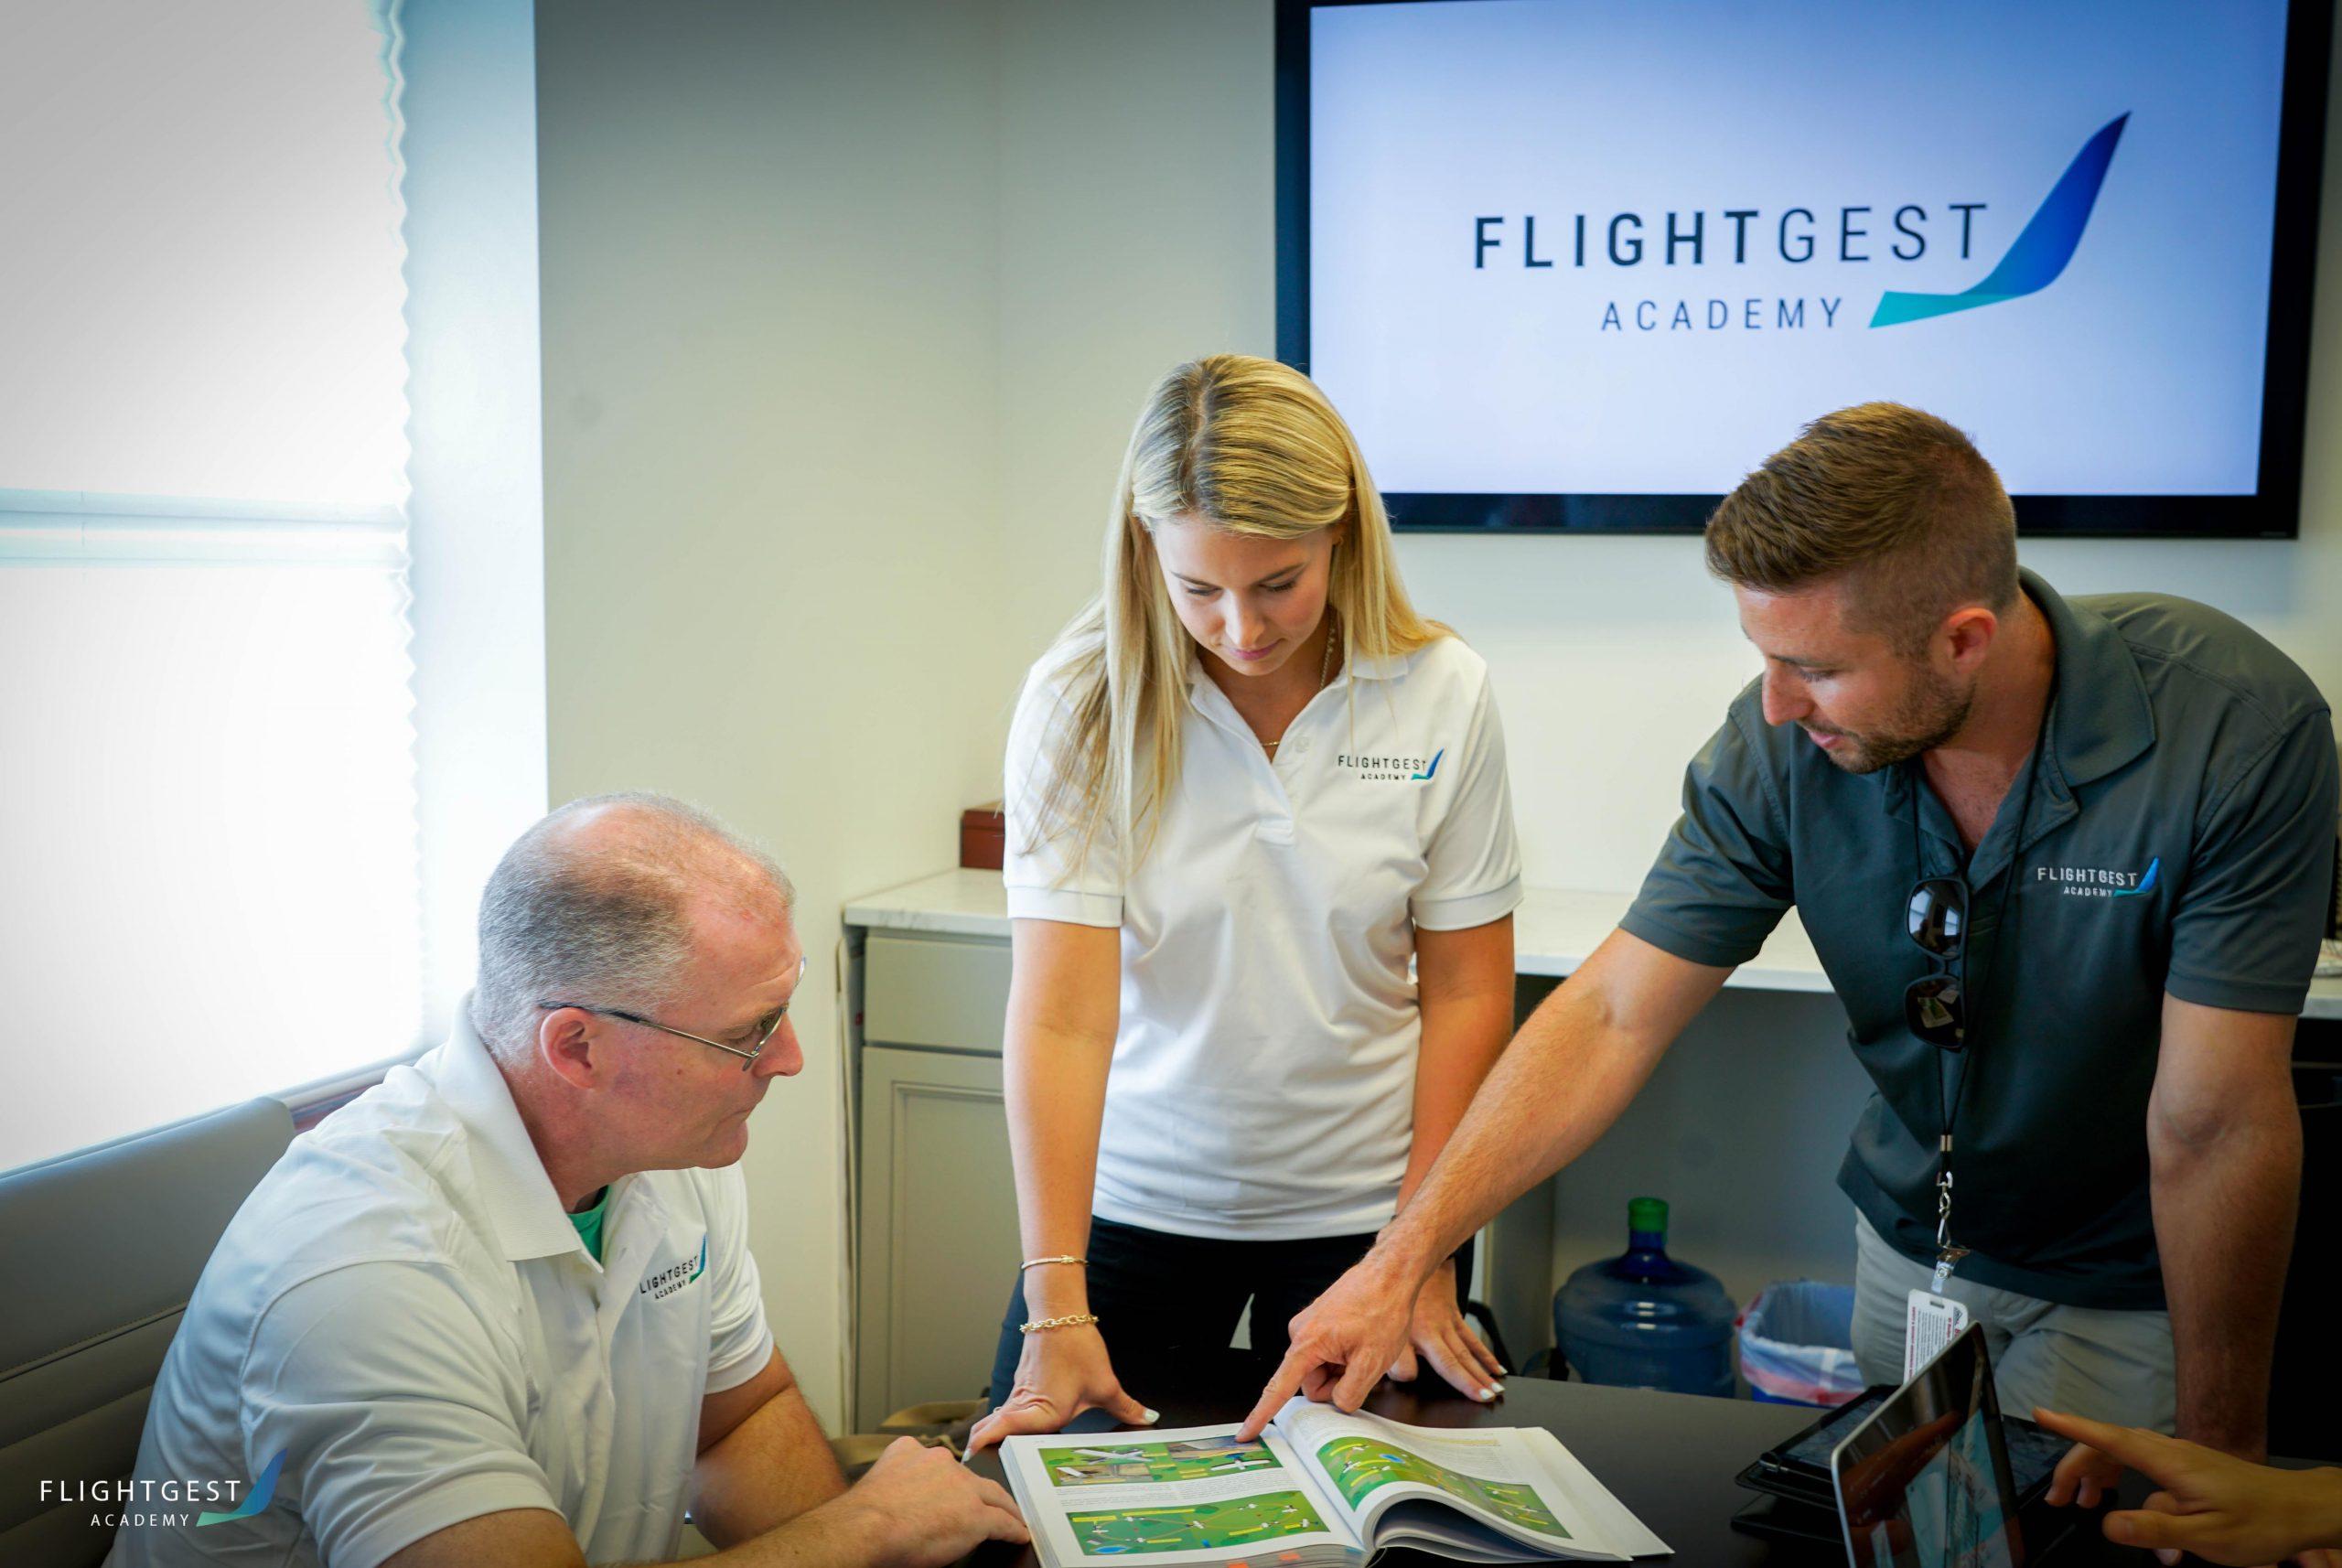 Flightgest Academy